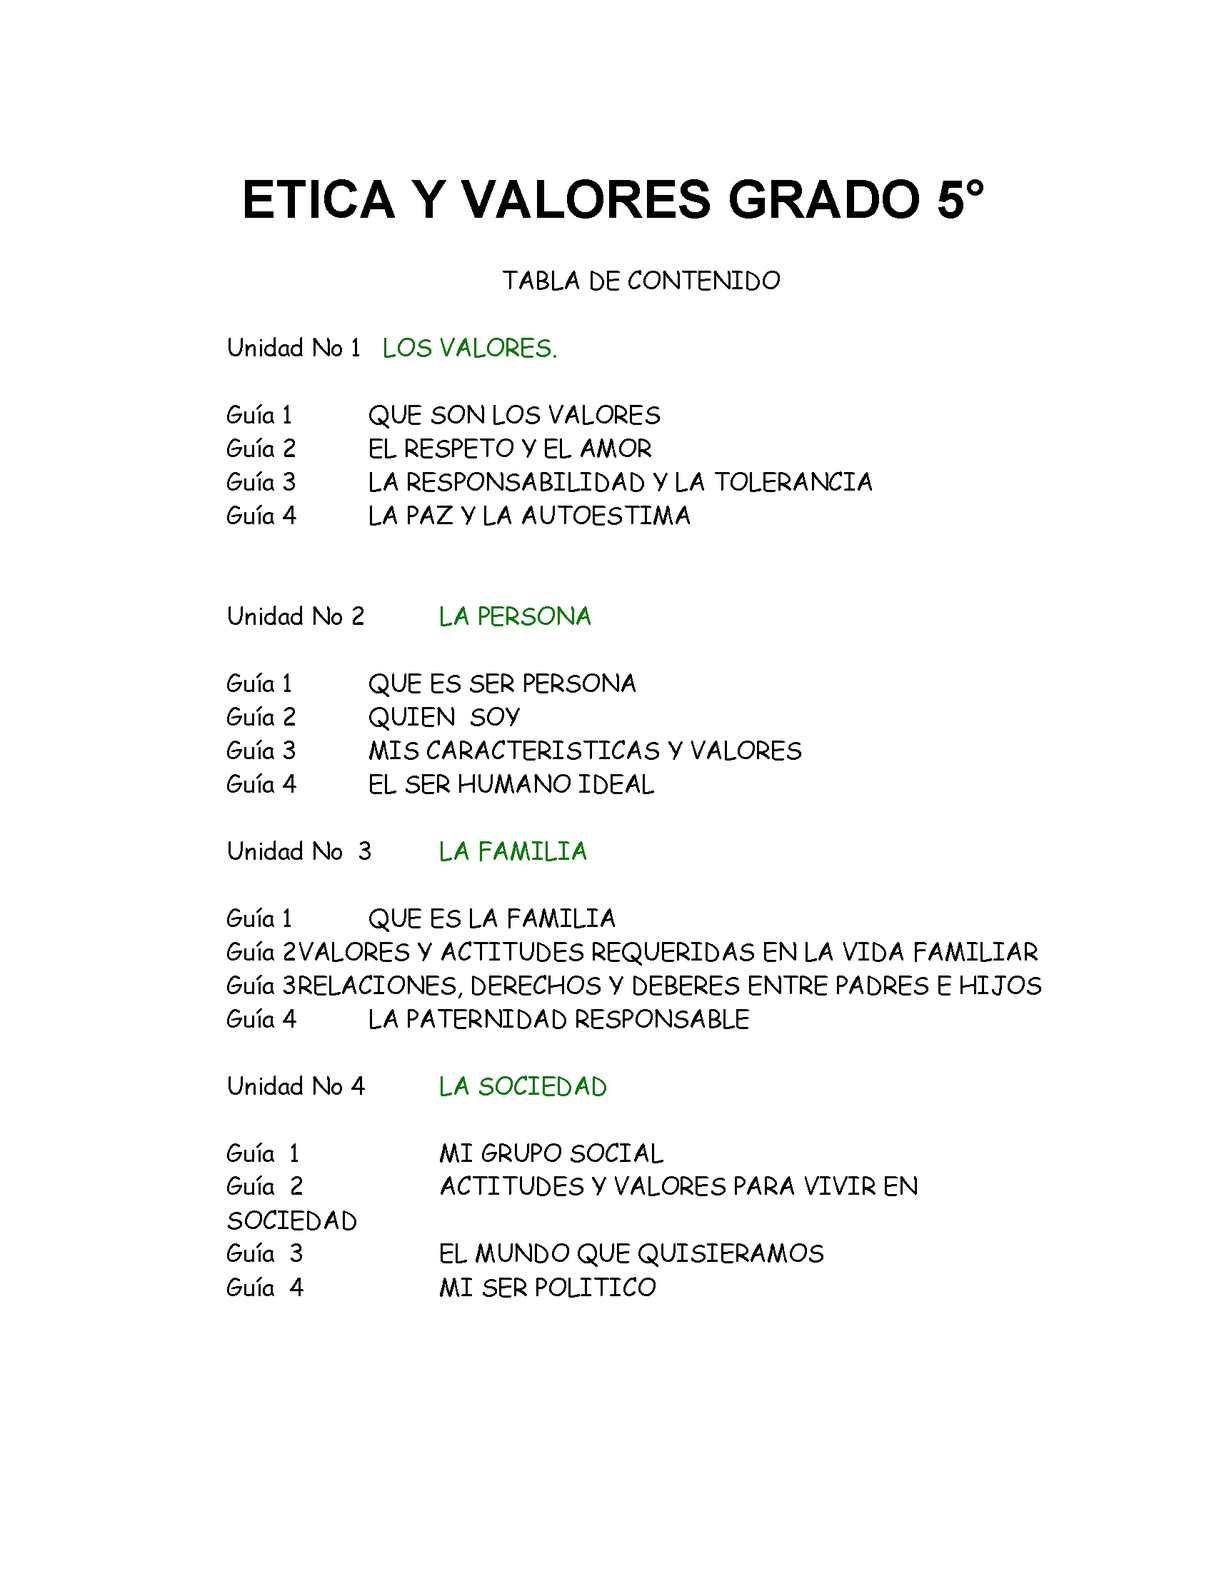 Cartilla Etica Y Valores 5º Etica Y Valores Tabla De Contenido Etico